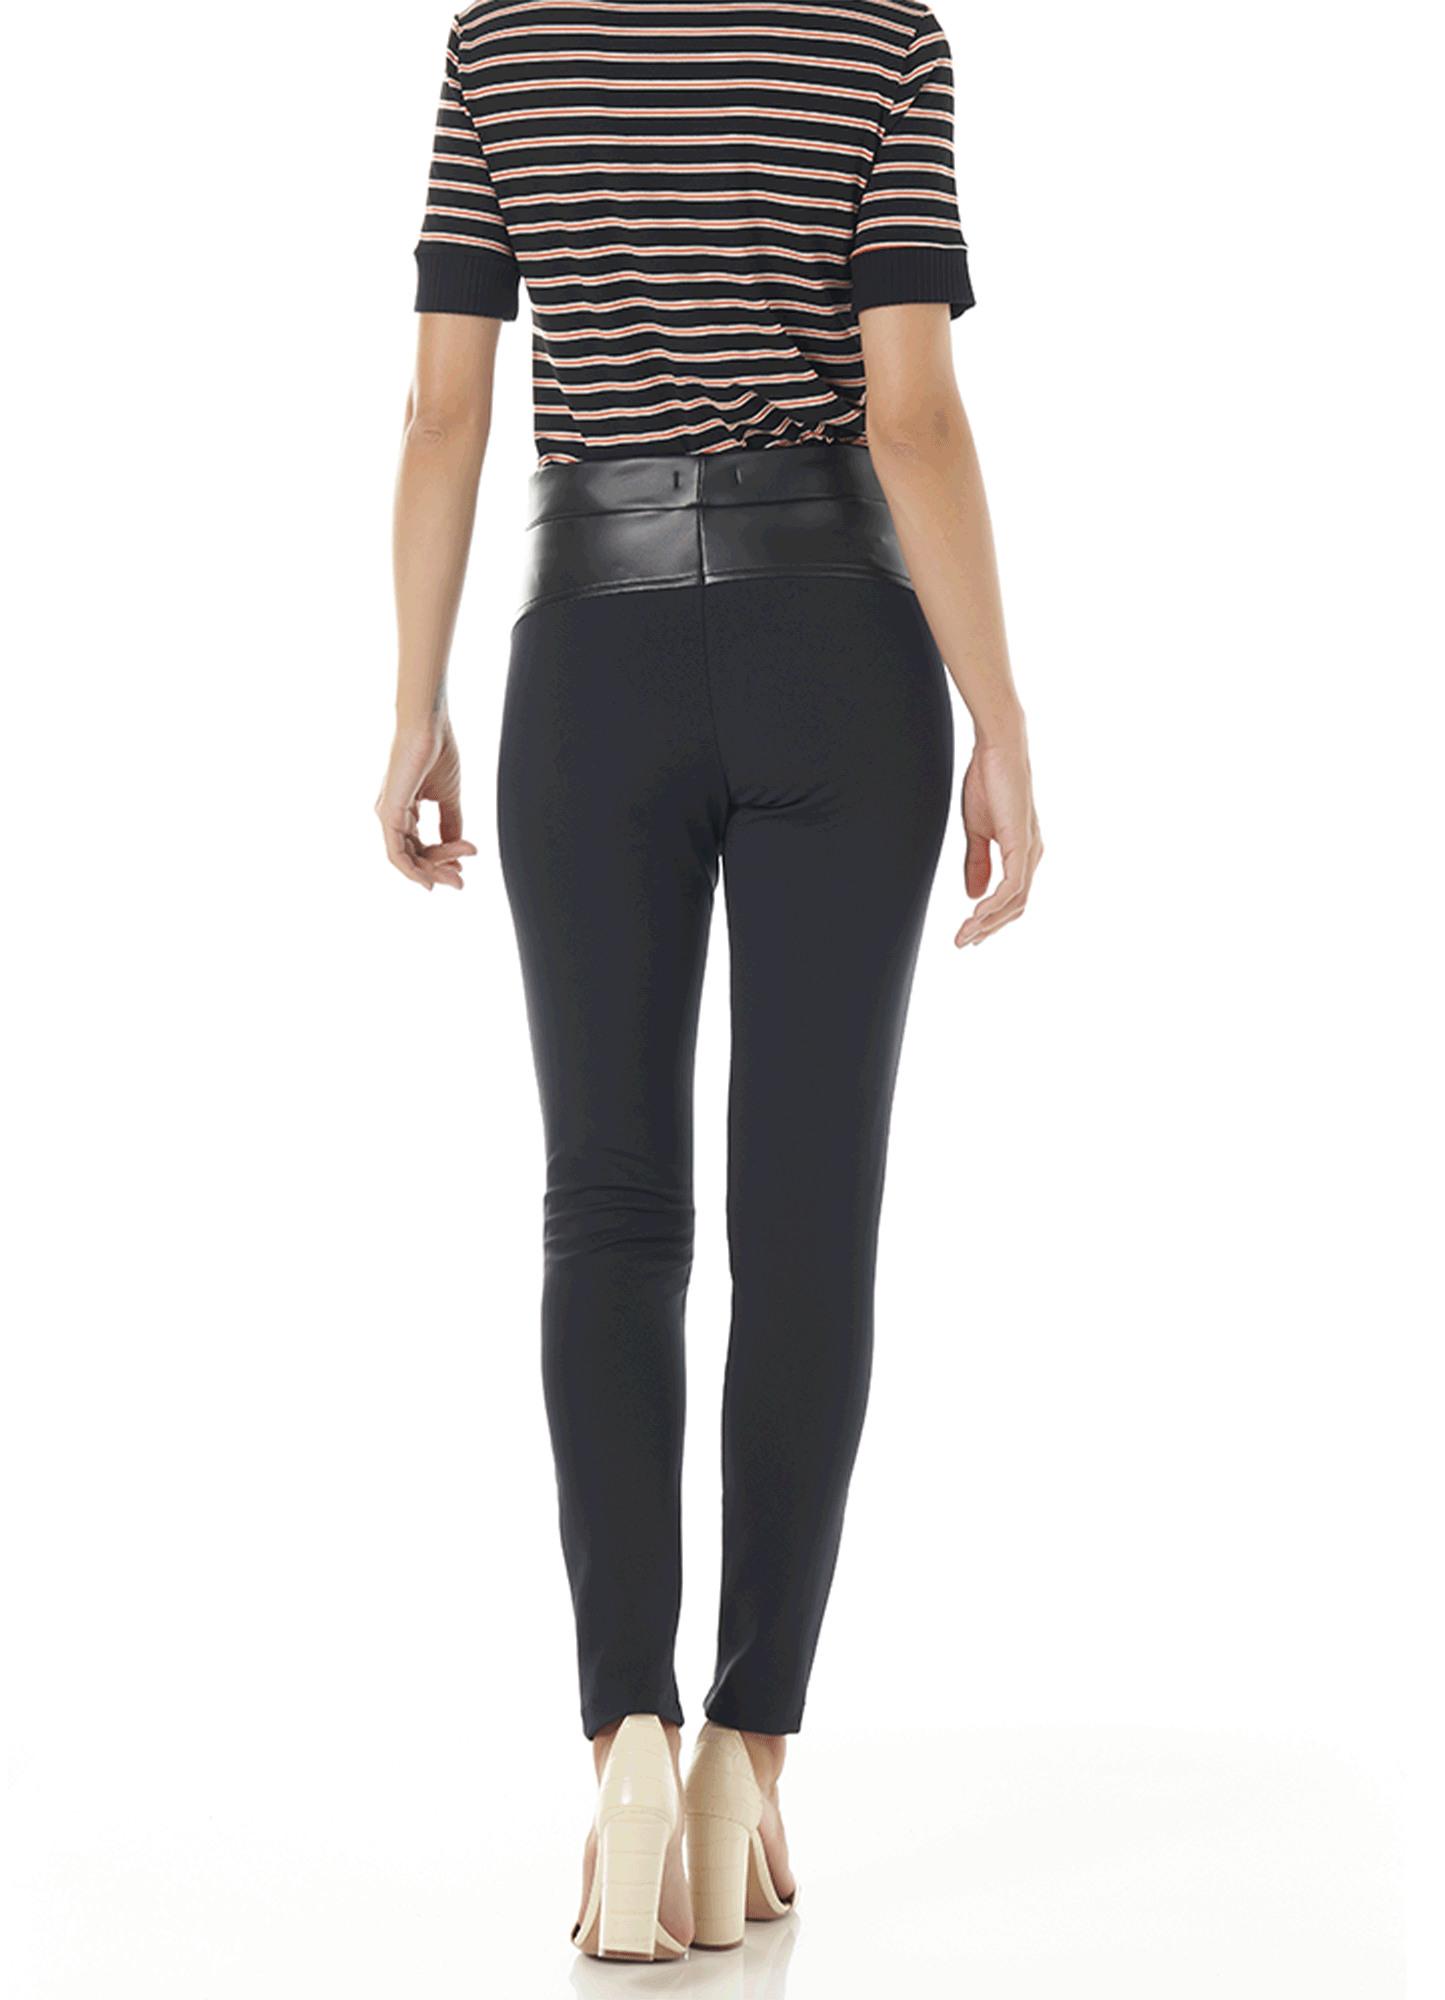 Calça Montaria Feminina Frente Couro Wang Costas Body Fit Poliamida Preta Cintura Alta